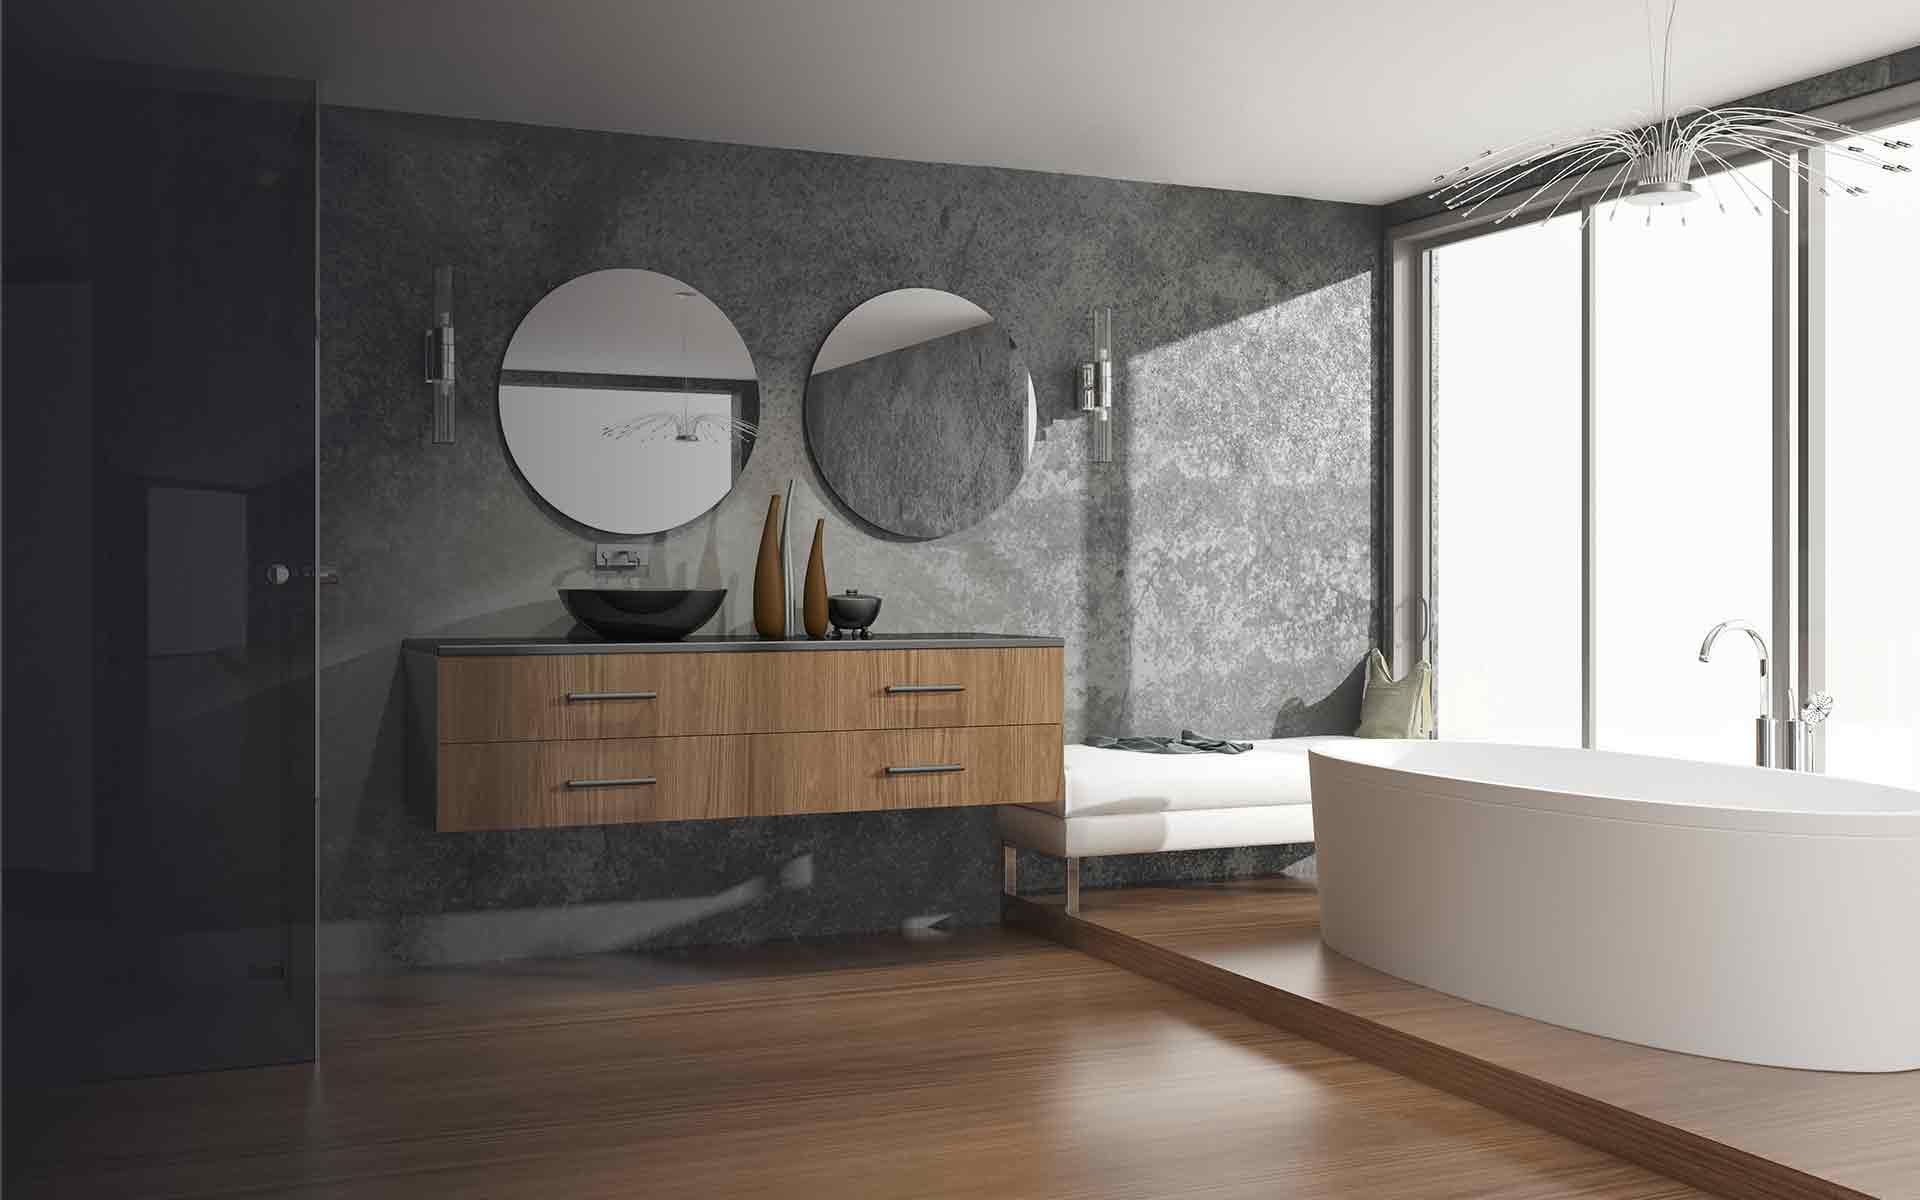 Designer d'intérieur montréal salle-de-bain-moderne Milton parc